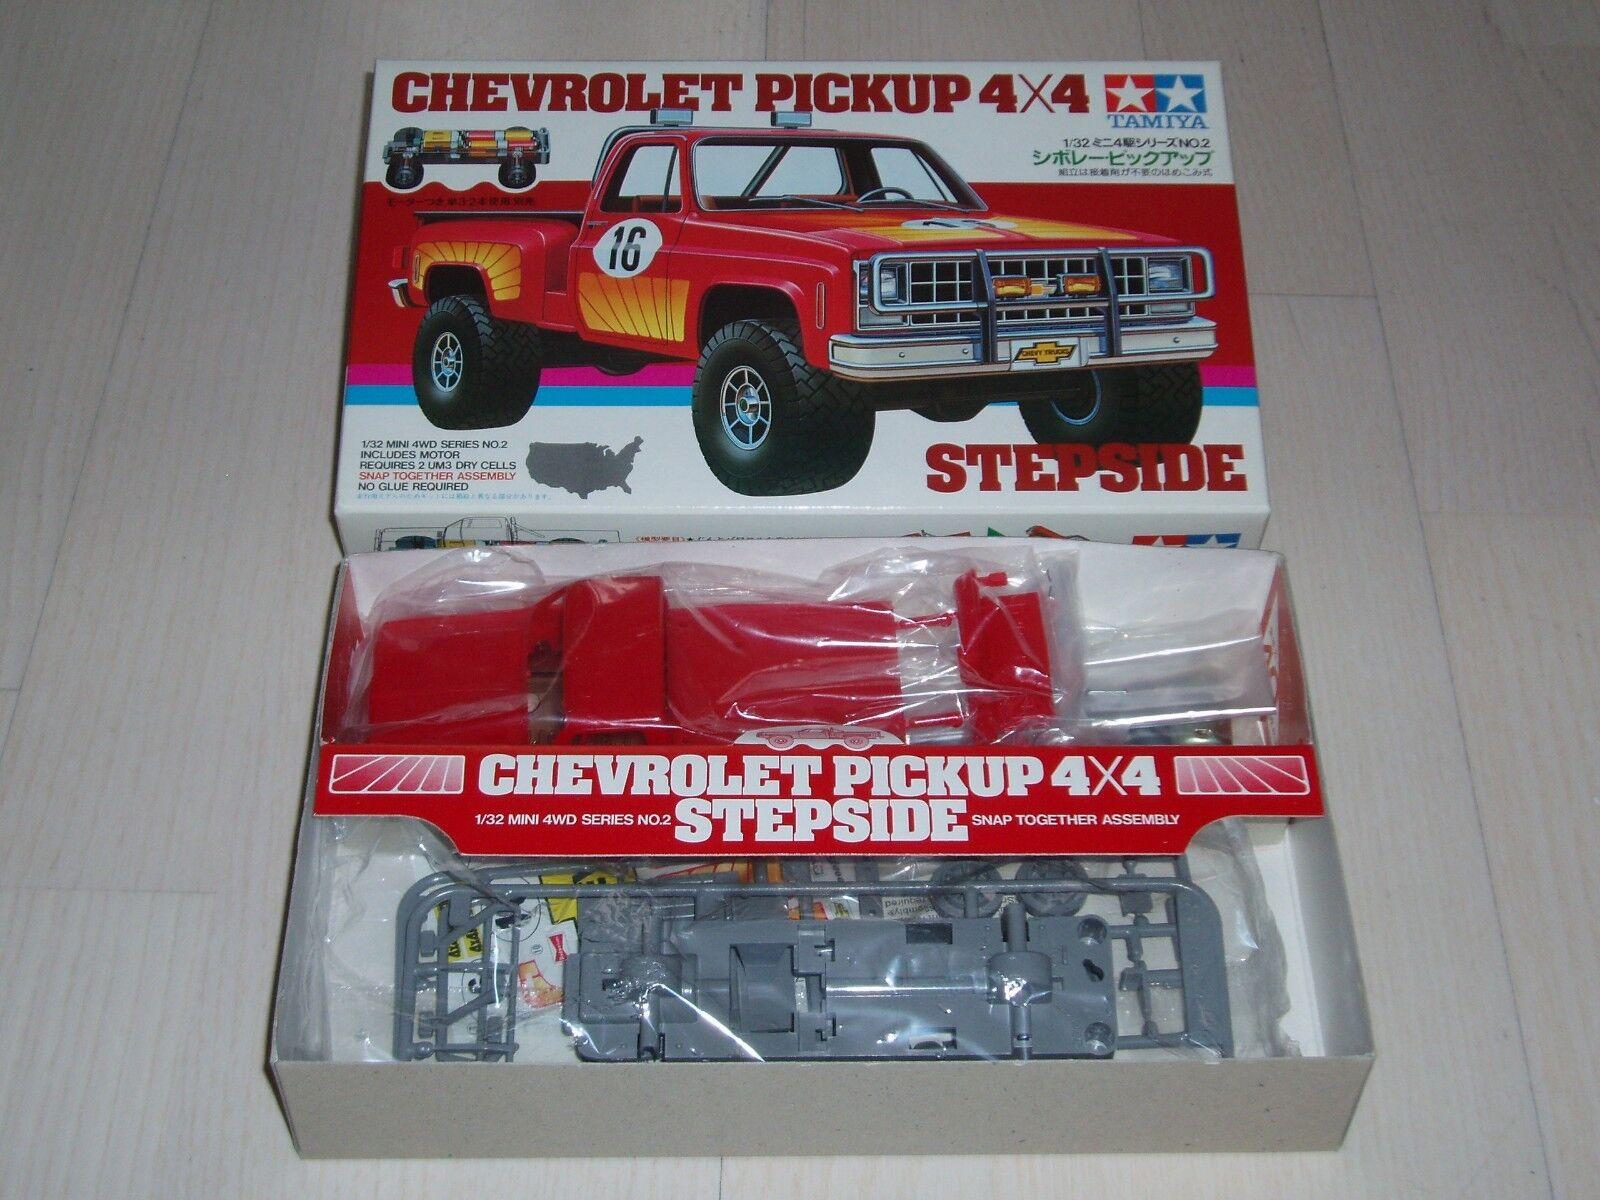 Vintage-TAMIYA-1982-Chevrolet-4x4 1 32 (item Kit. No. 1902) Mini 4WD